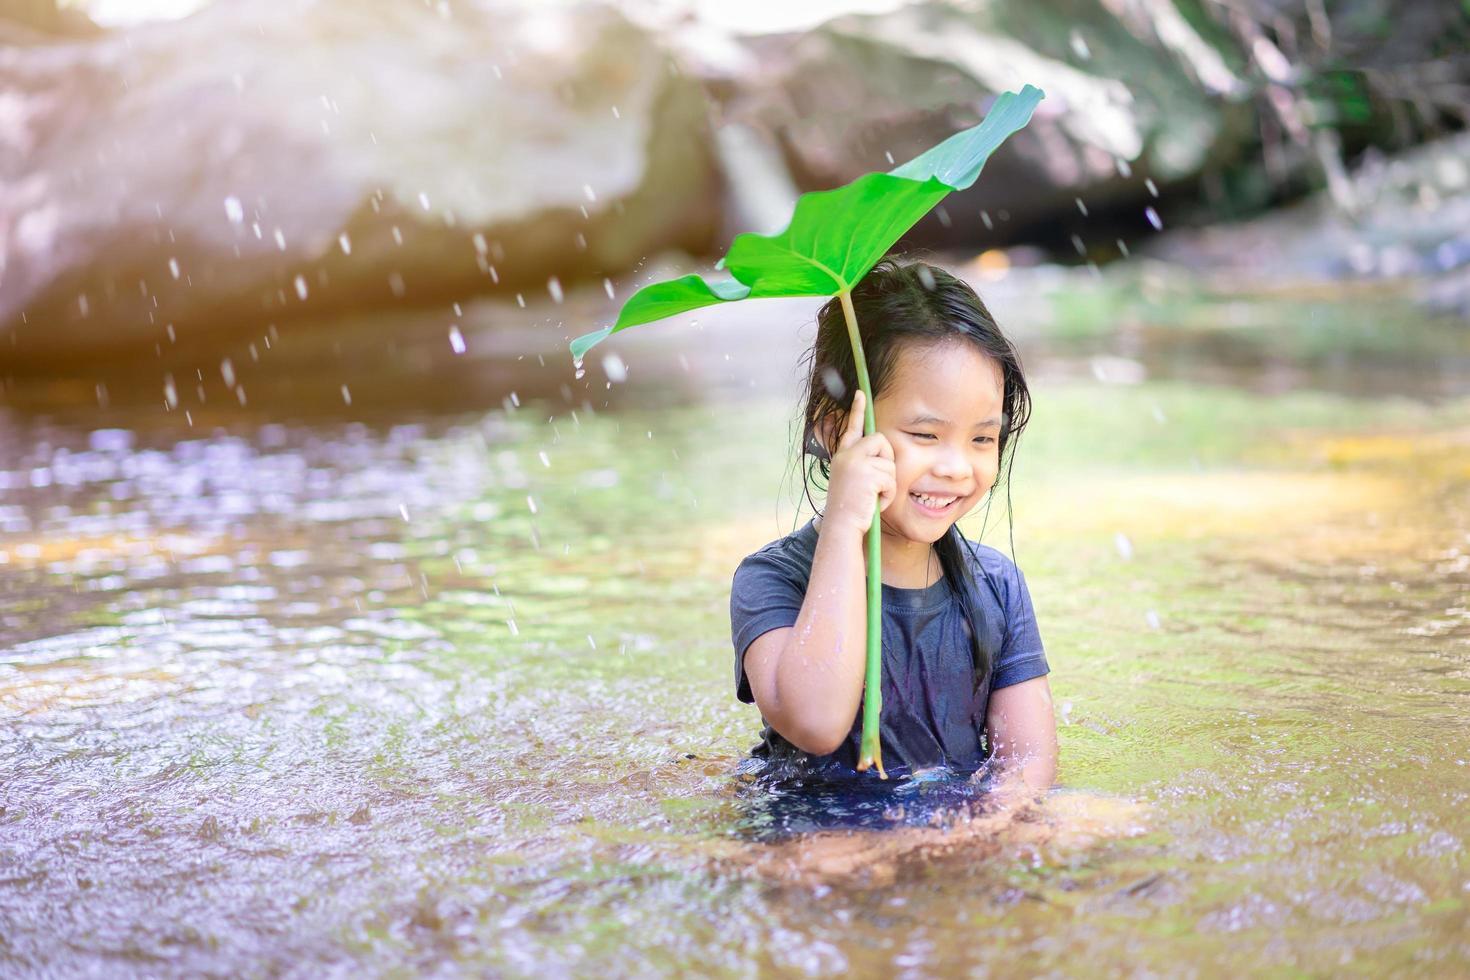 kleines asiatisches Mädchen, das im Wasser spielt foto